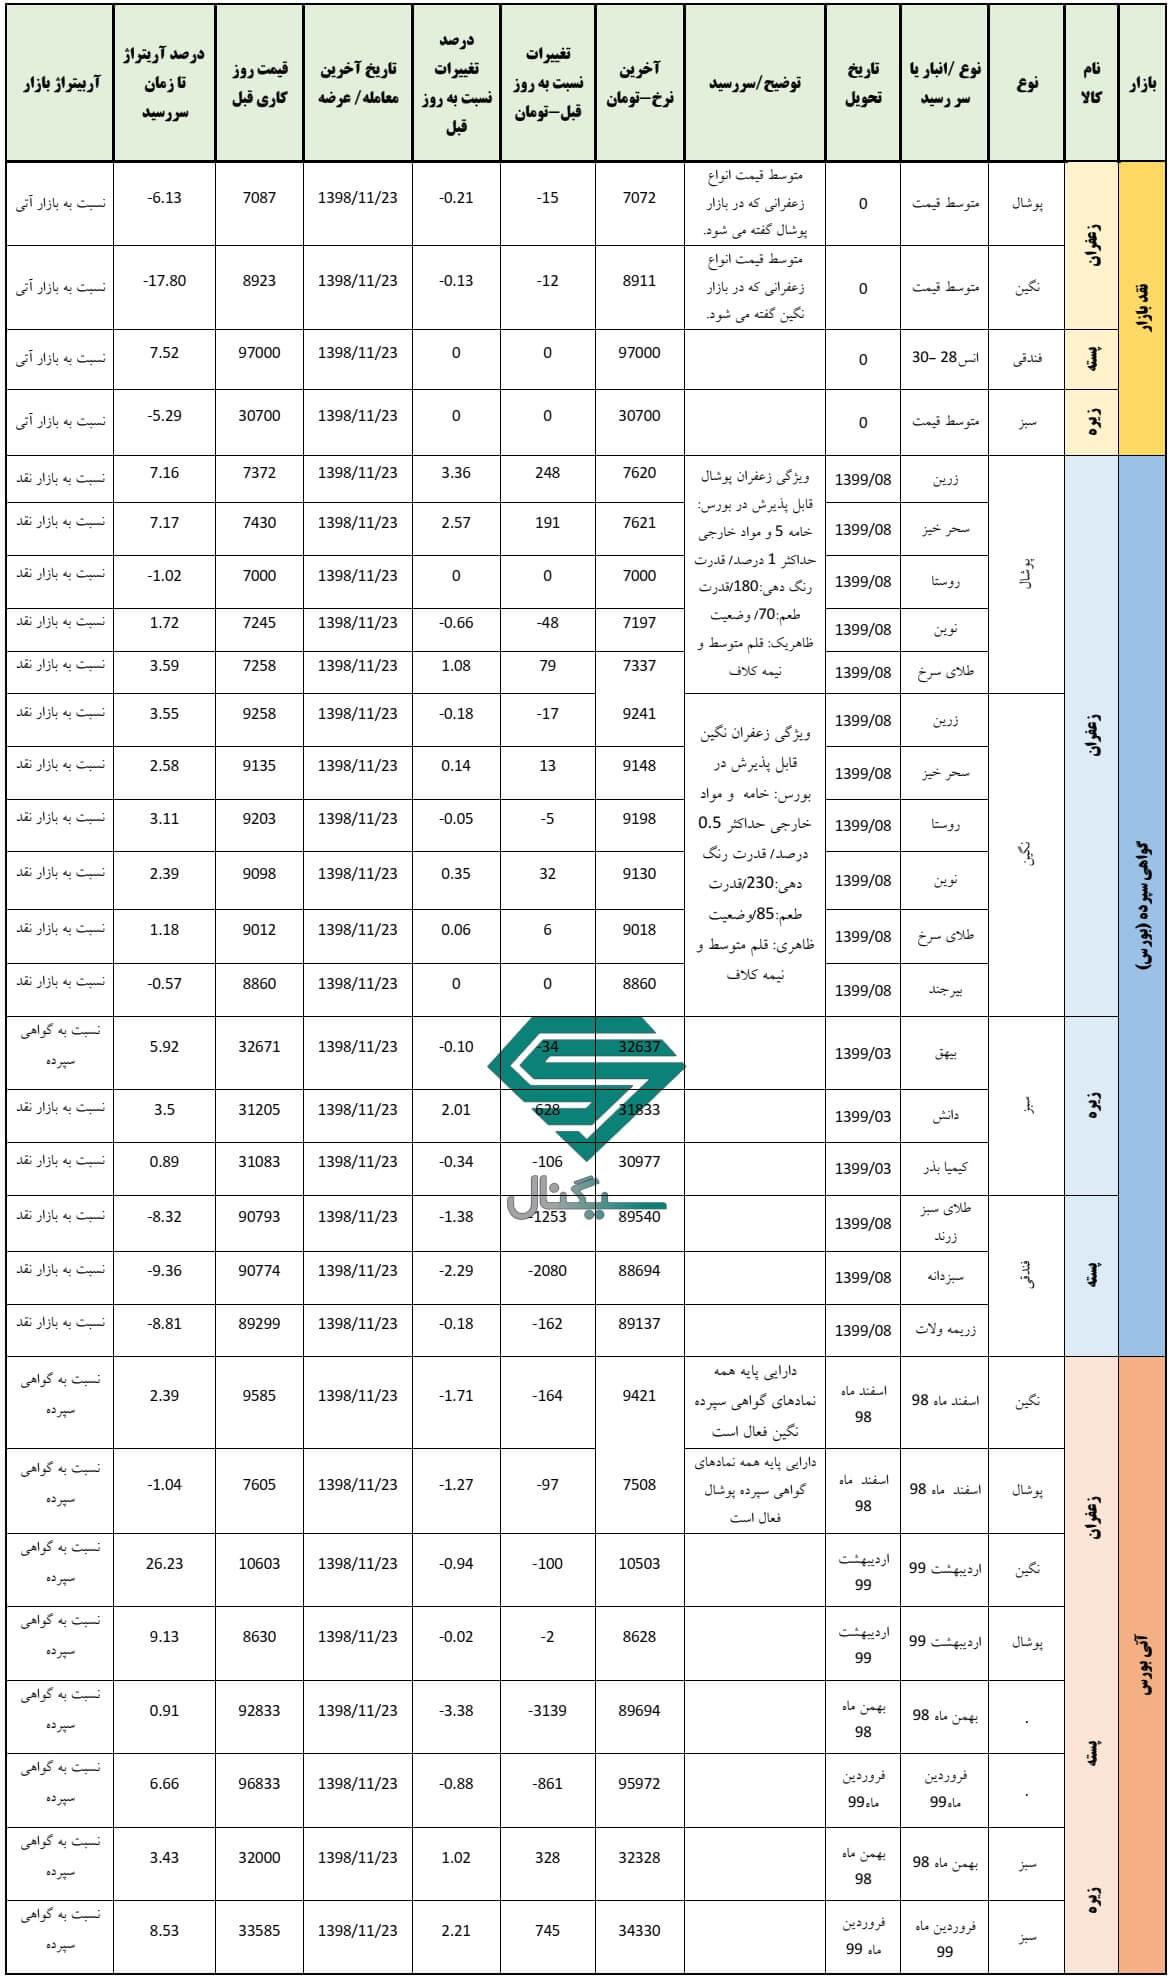 گزارش روزانه بورس کالا (23 بهمن ماه 1398)